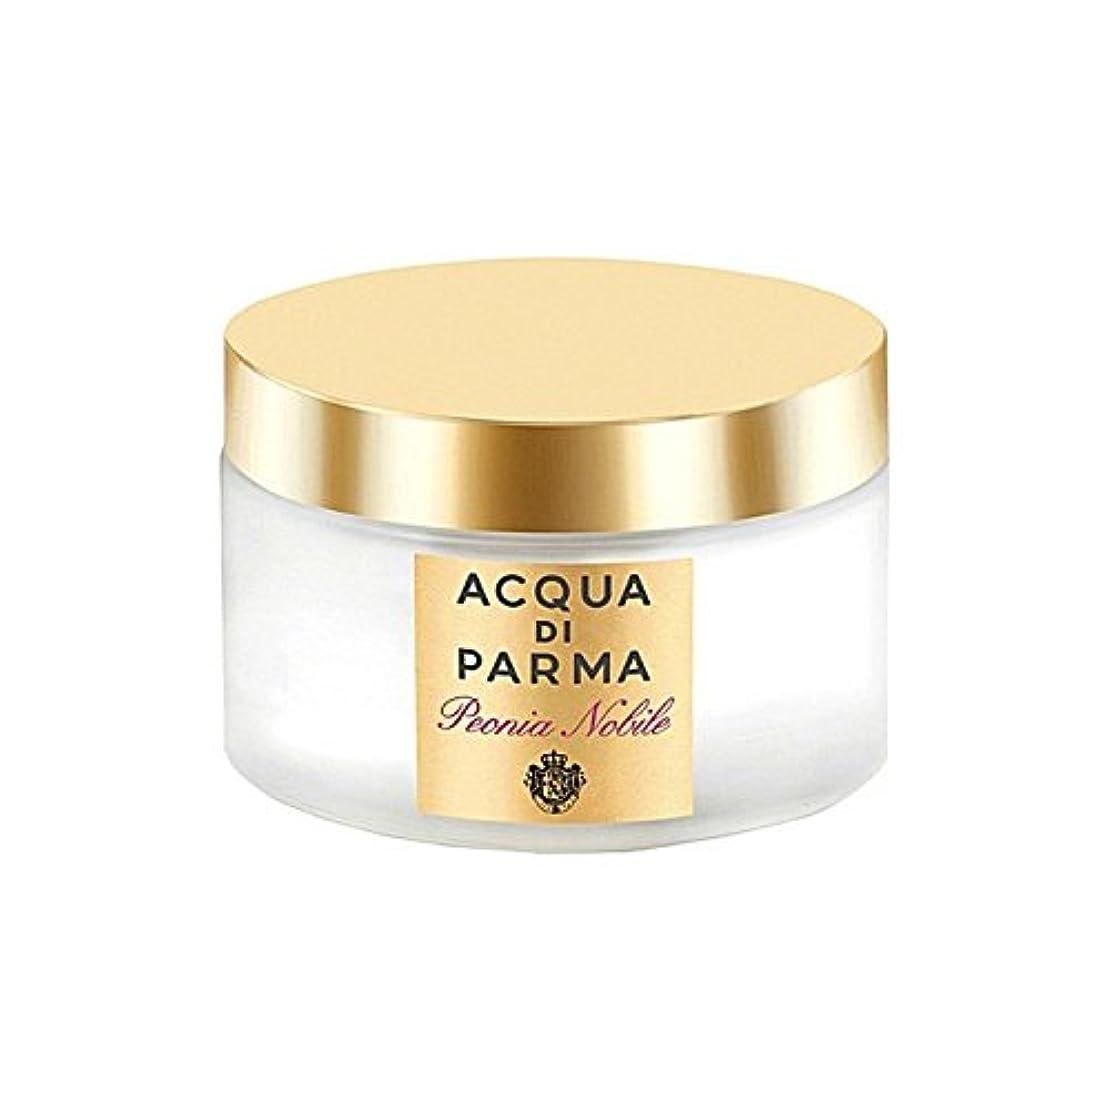 自分の驚いたことに肘掛け椅子アクアディパルマノビレボディクリーム150ミリリットル x2 - Acqua Di Parma Peonia Nobile Body Cream 150ml (Pack of 2) [並行輸入品]